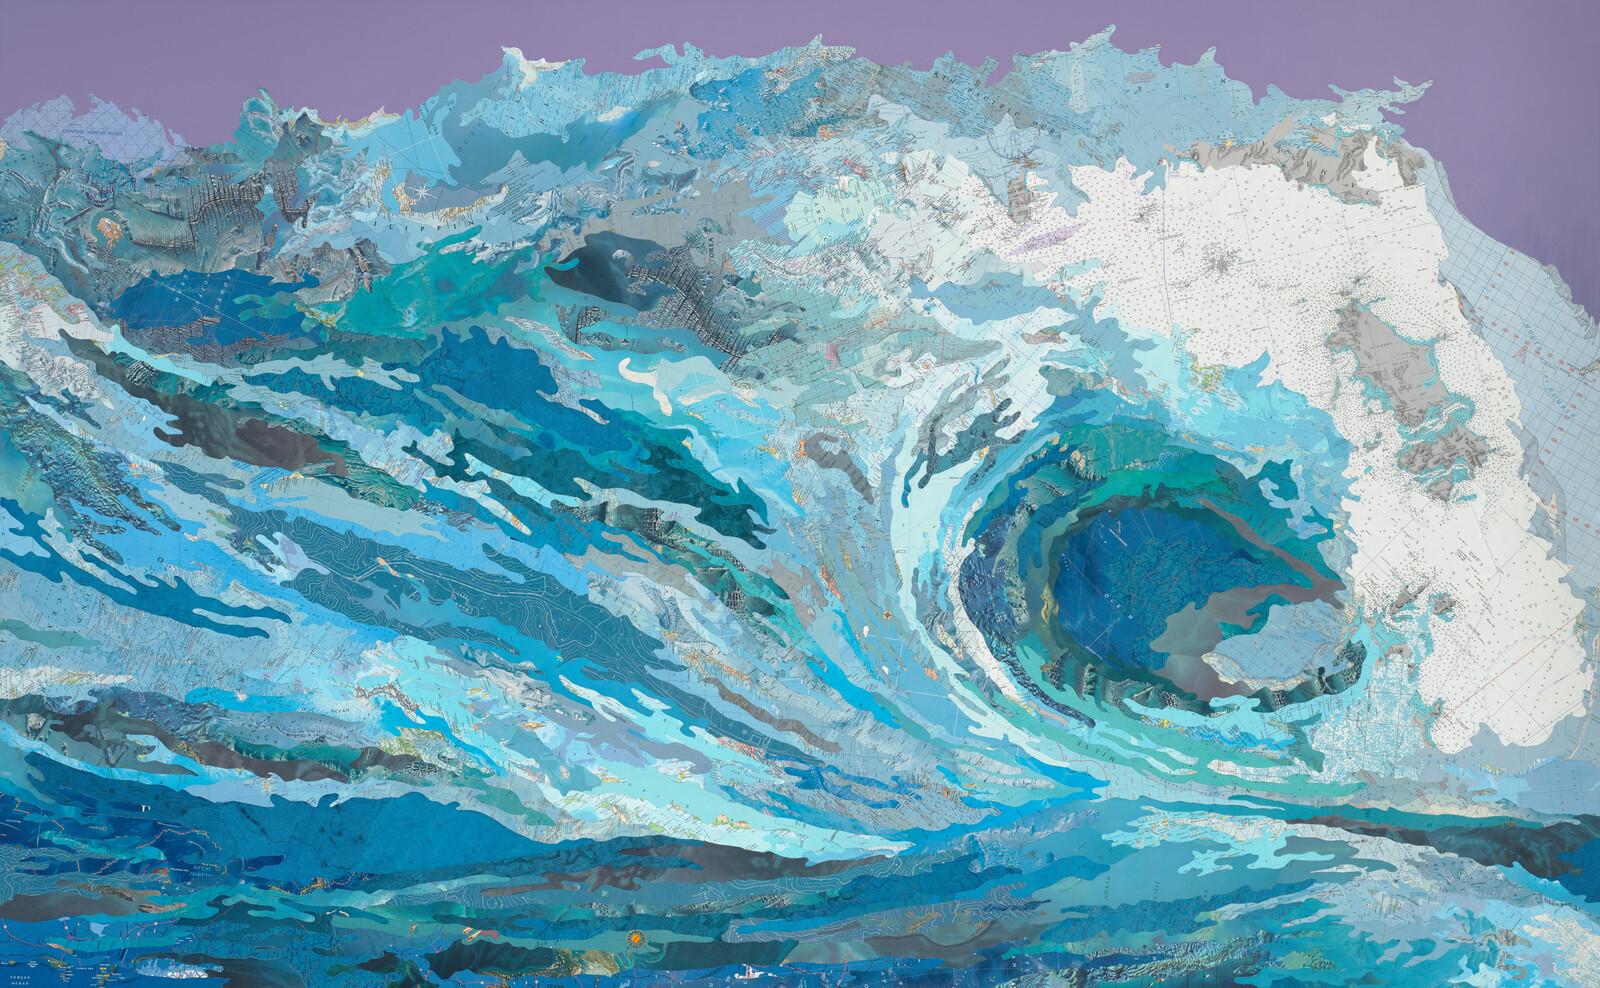 Clarissa's Wave - Matthew Cusick